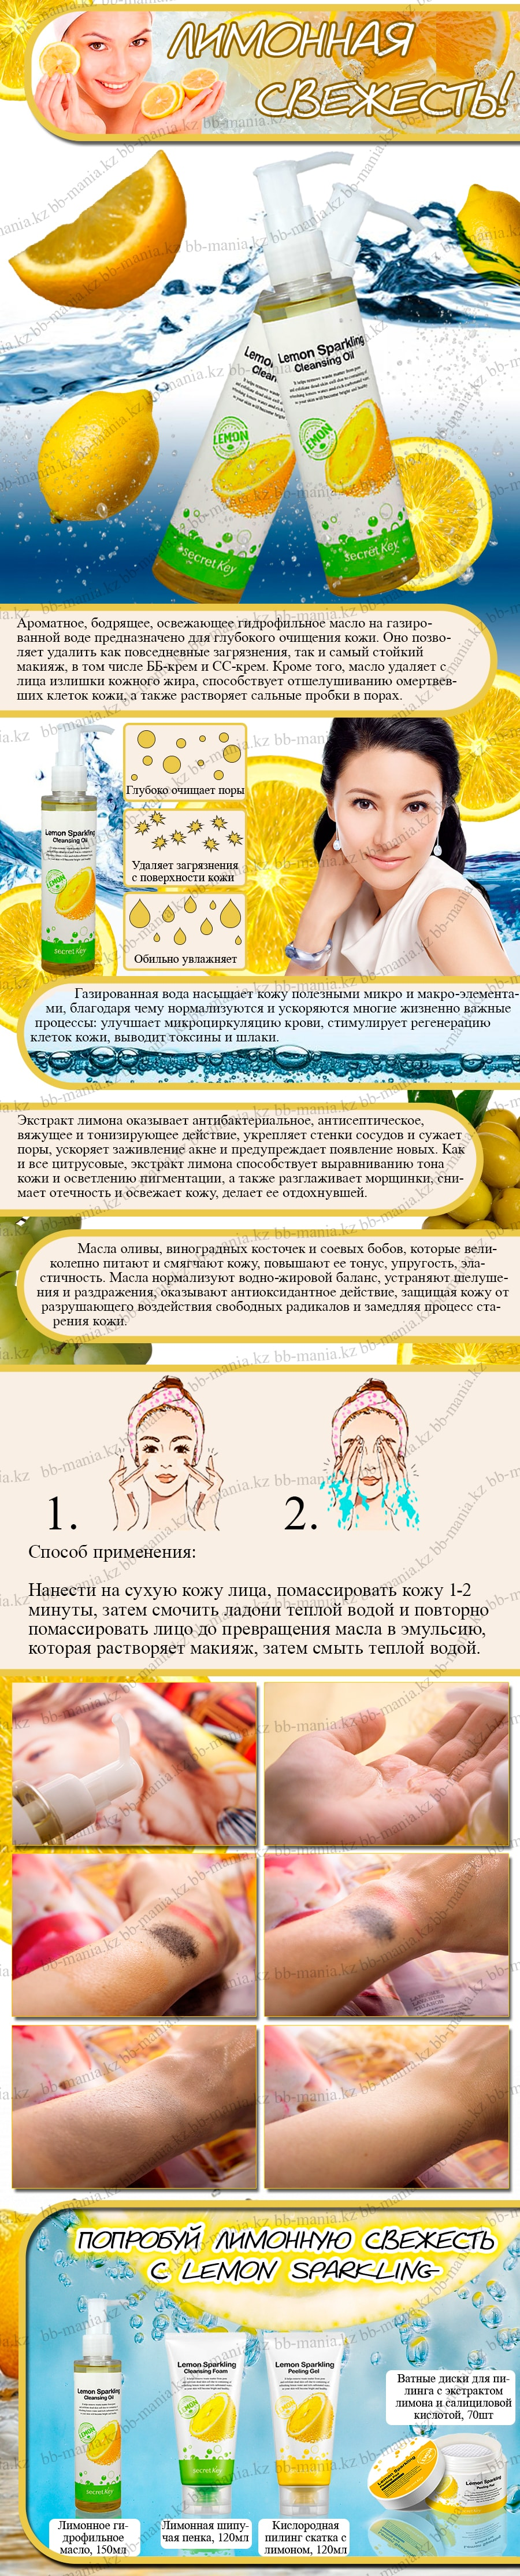 Lemon-Sparkling-Cleansing-Oil-[Secret-Key]-min (1)